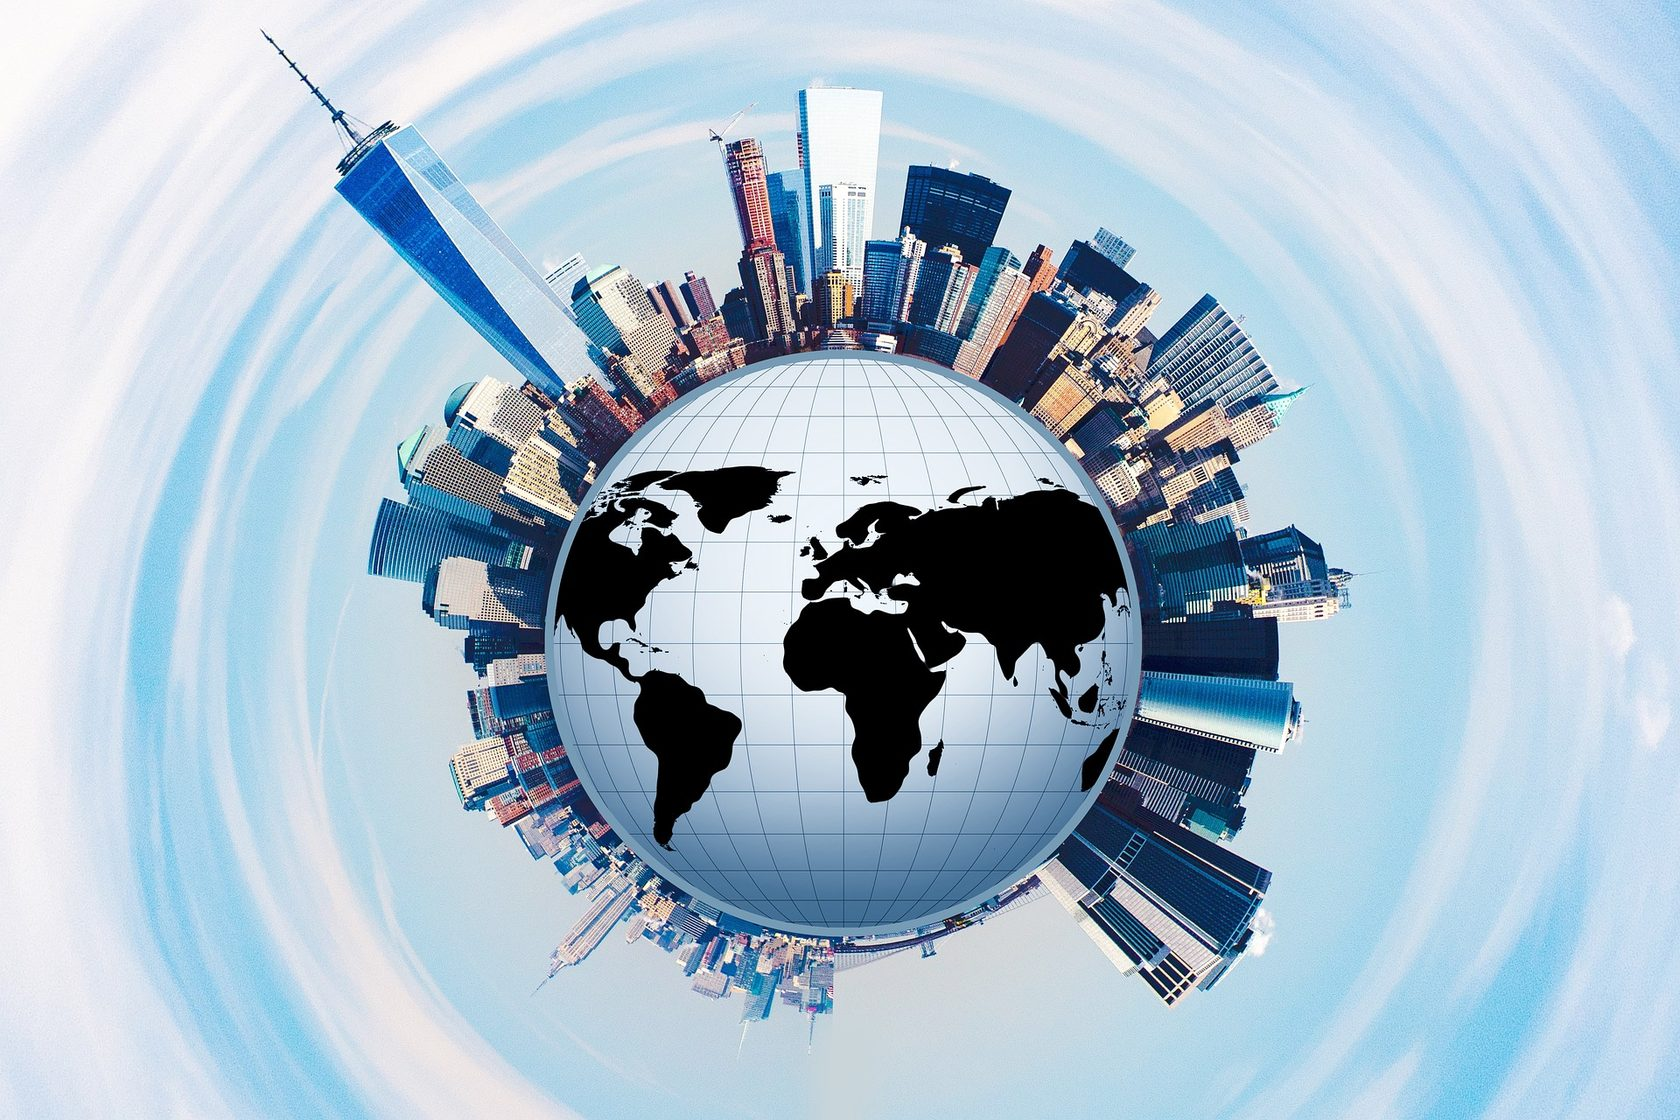 глобализация в образовании картинки техника европейский производителей